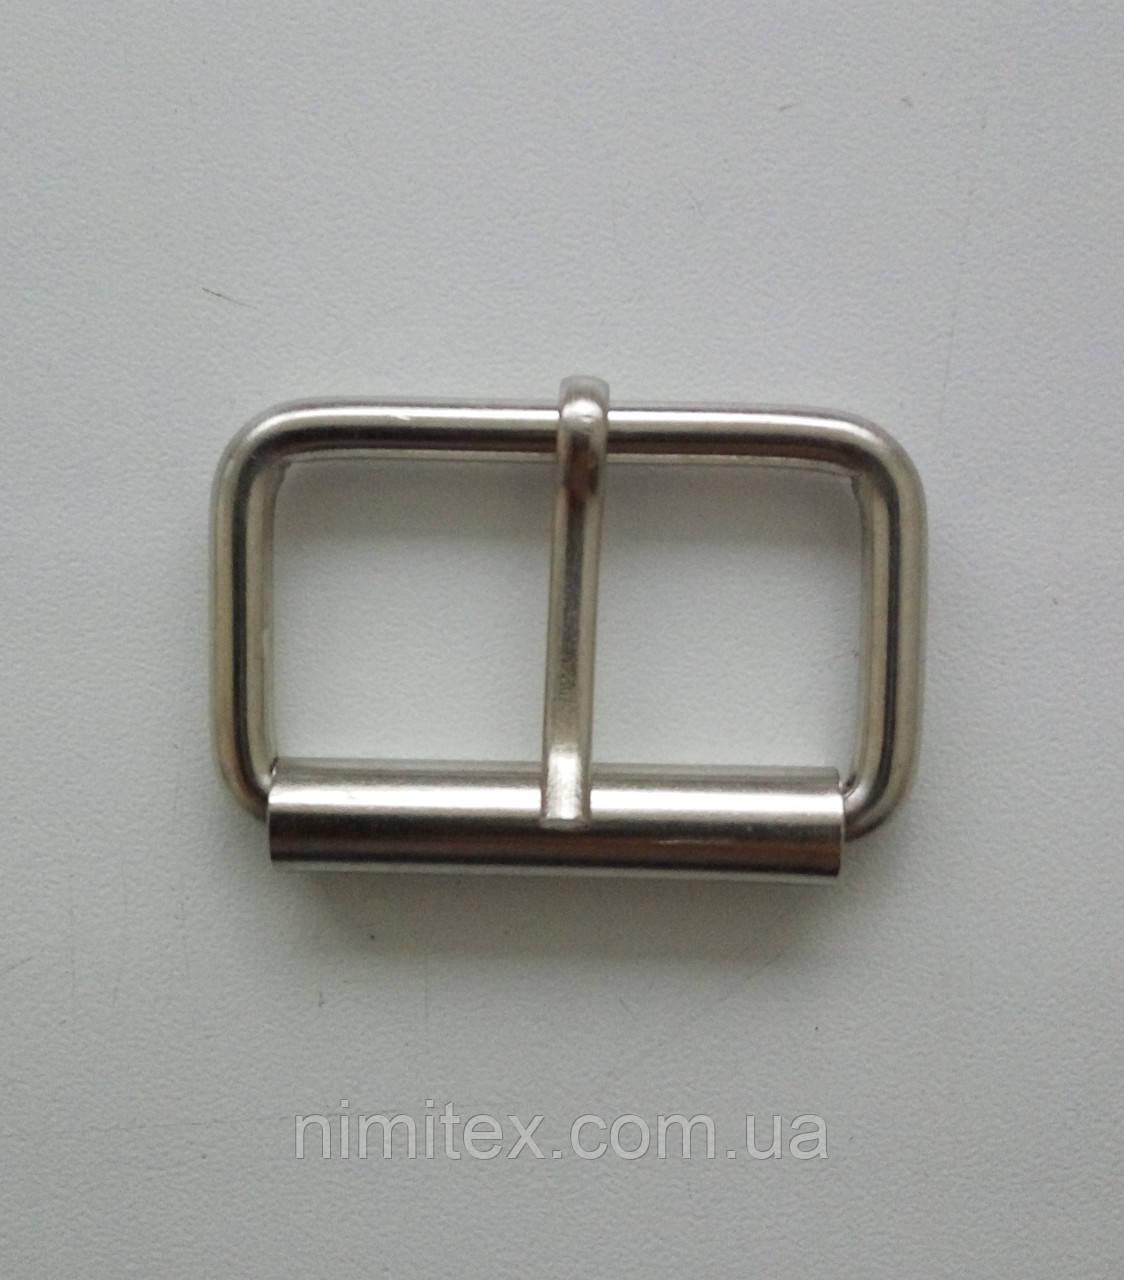 Пряжка лита 35 мм нікель